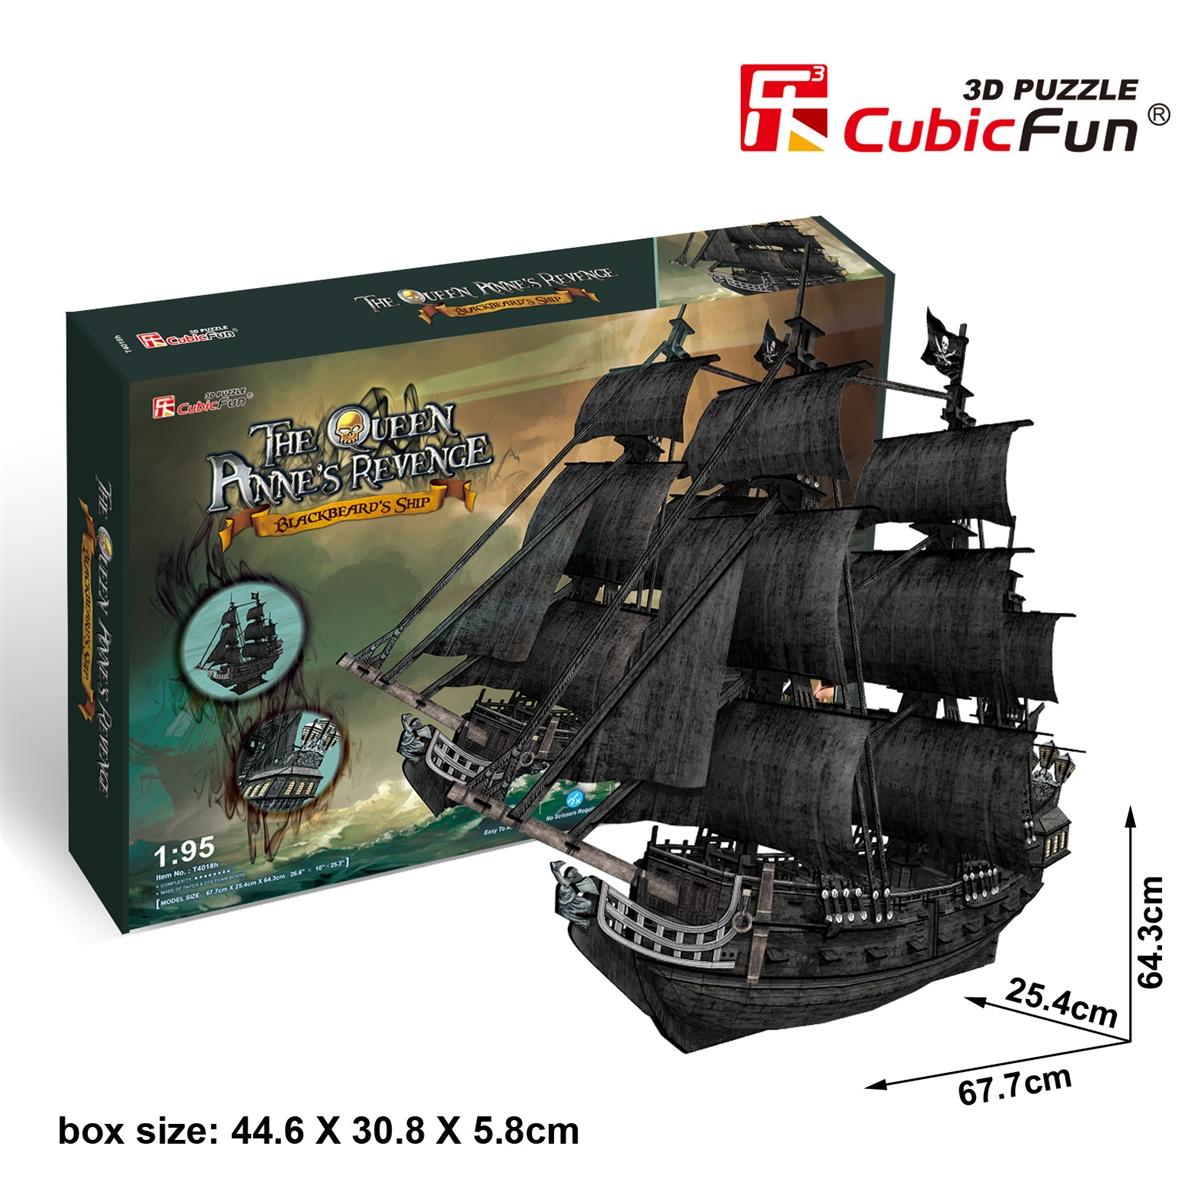 Queen Anne's Revenge (Large) CubicFun 3D Puzzle Total 308 Pieces Size 67.7*25.4*64.3 cm.